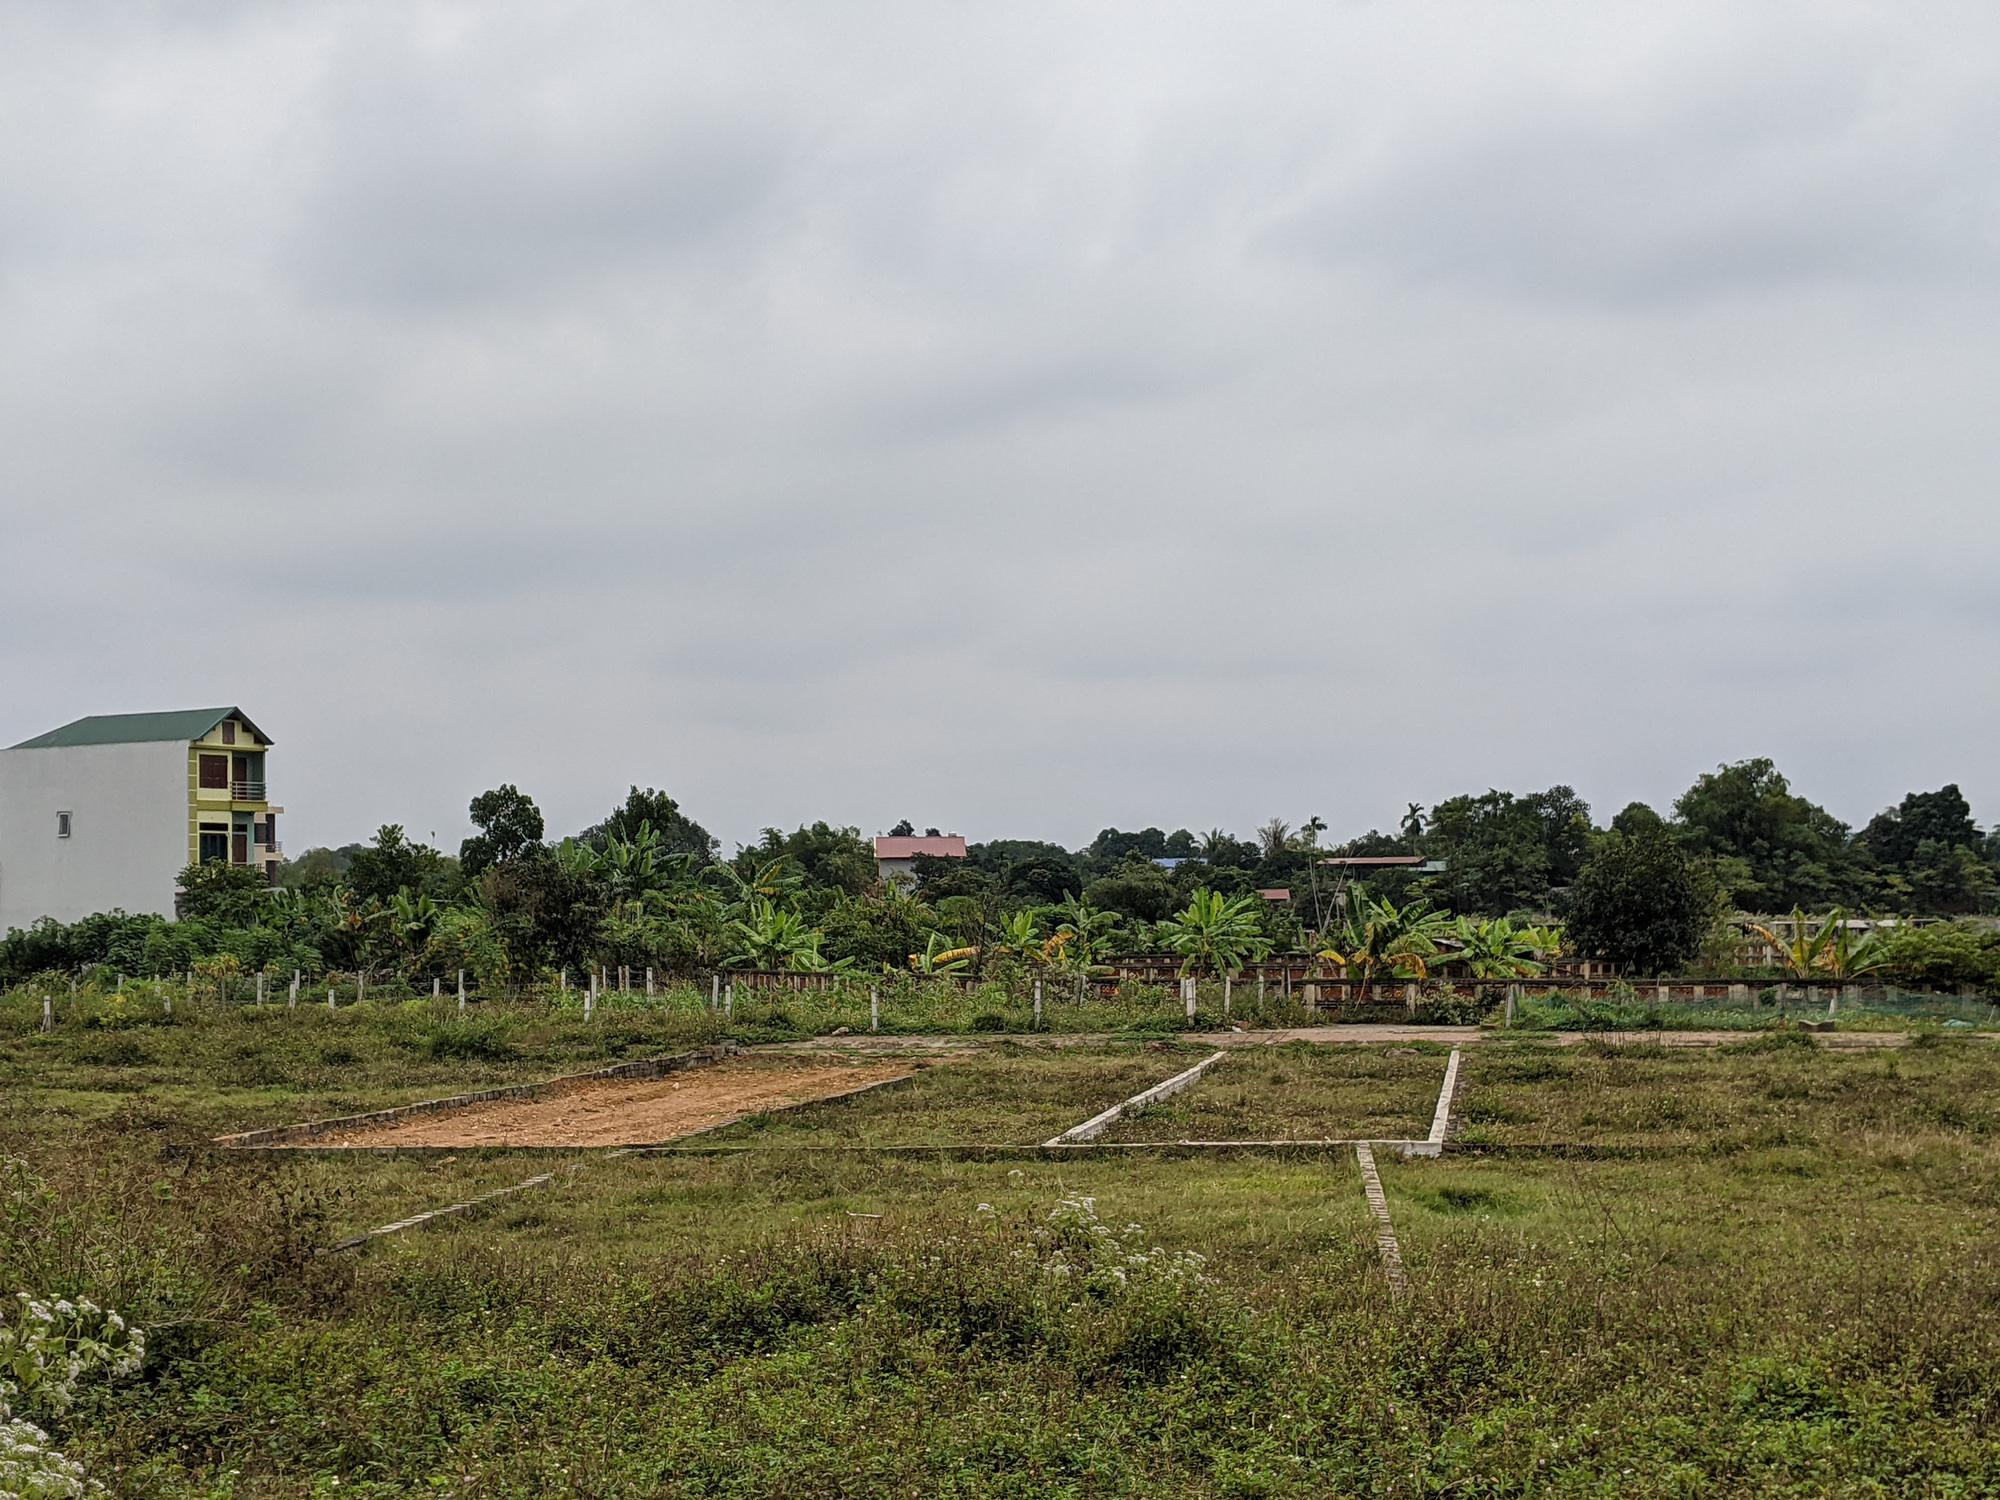 Giá đất nông nghiệp nhiều nơi tăng nóng - Ảnh 1.